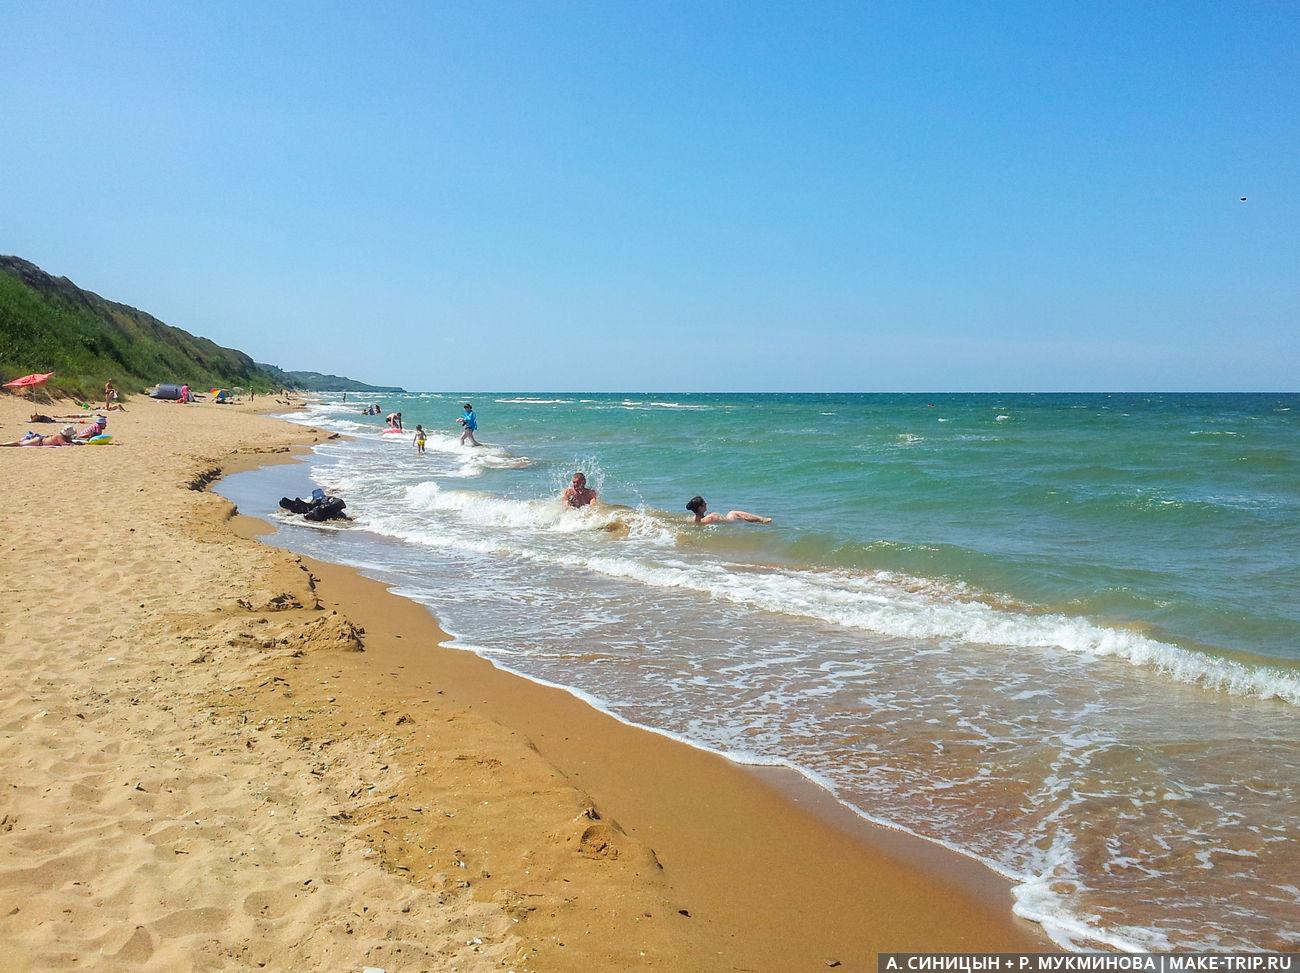 Отзывы об отдыхе в Кучугурах